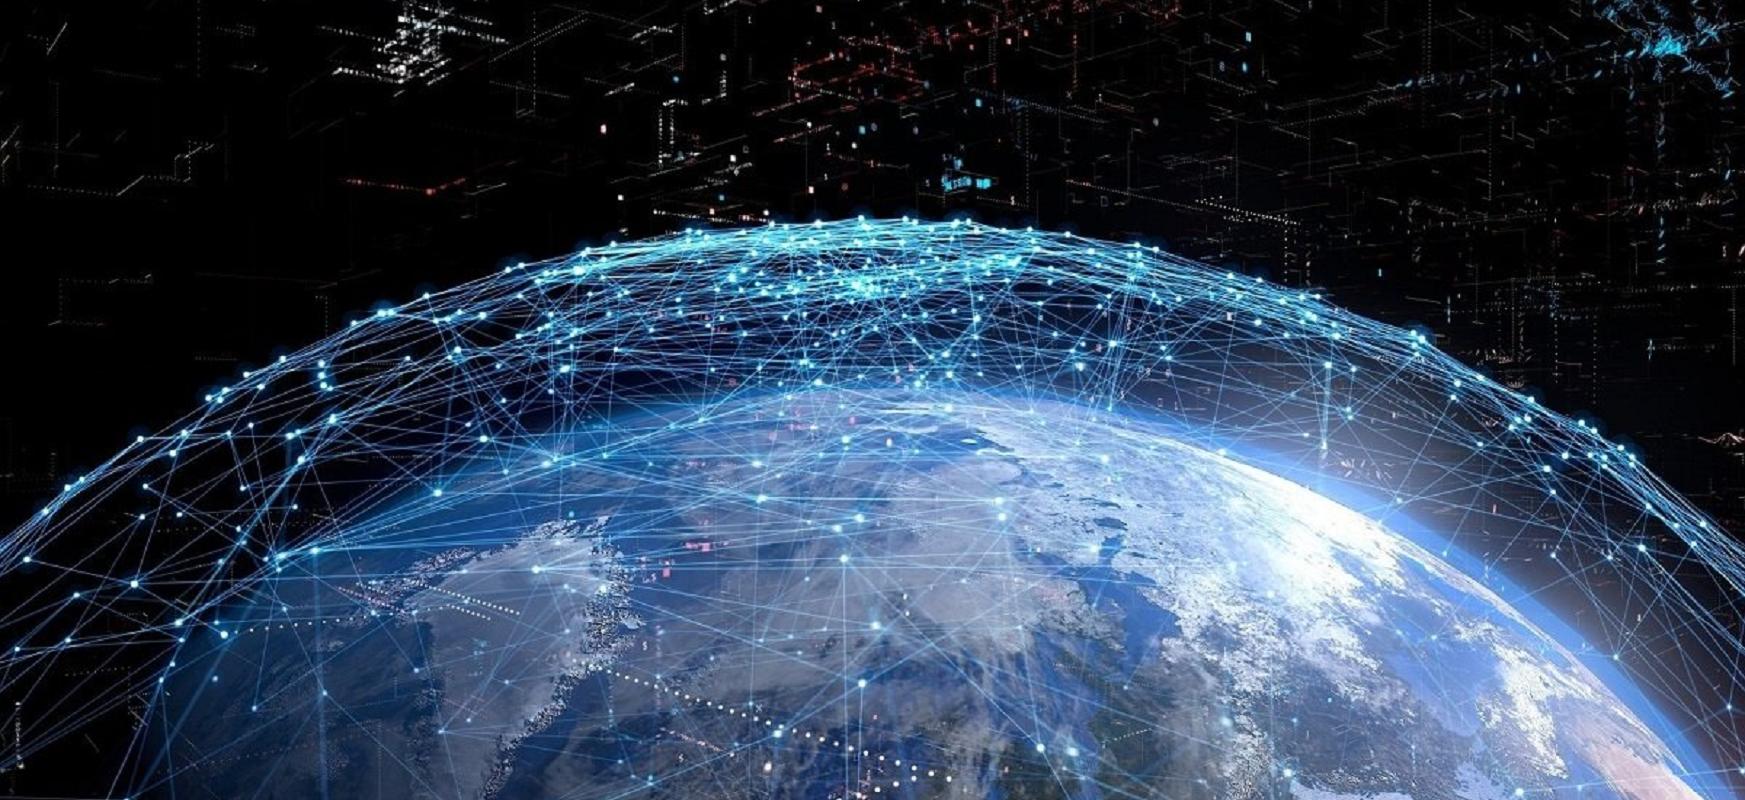 Starlinks internet hornitzen hasiko dira.  Elon Musk-ek sateliteak noiz funtzionatuko duen agerian uzten du